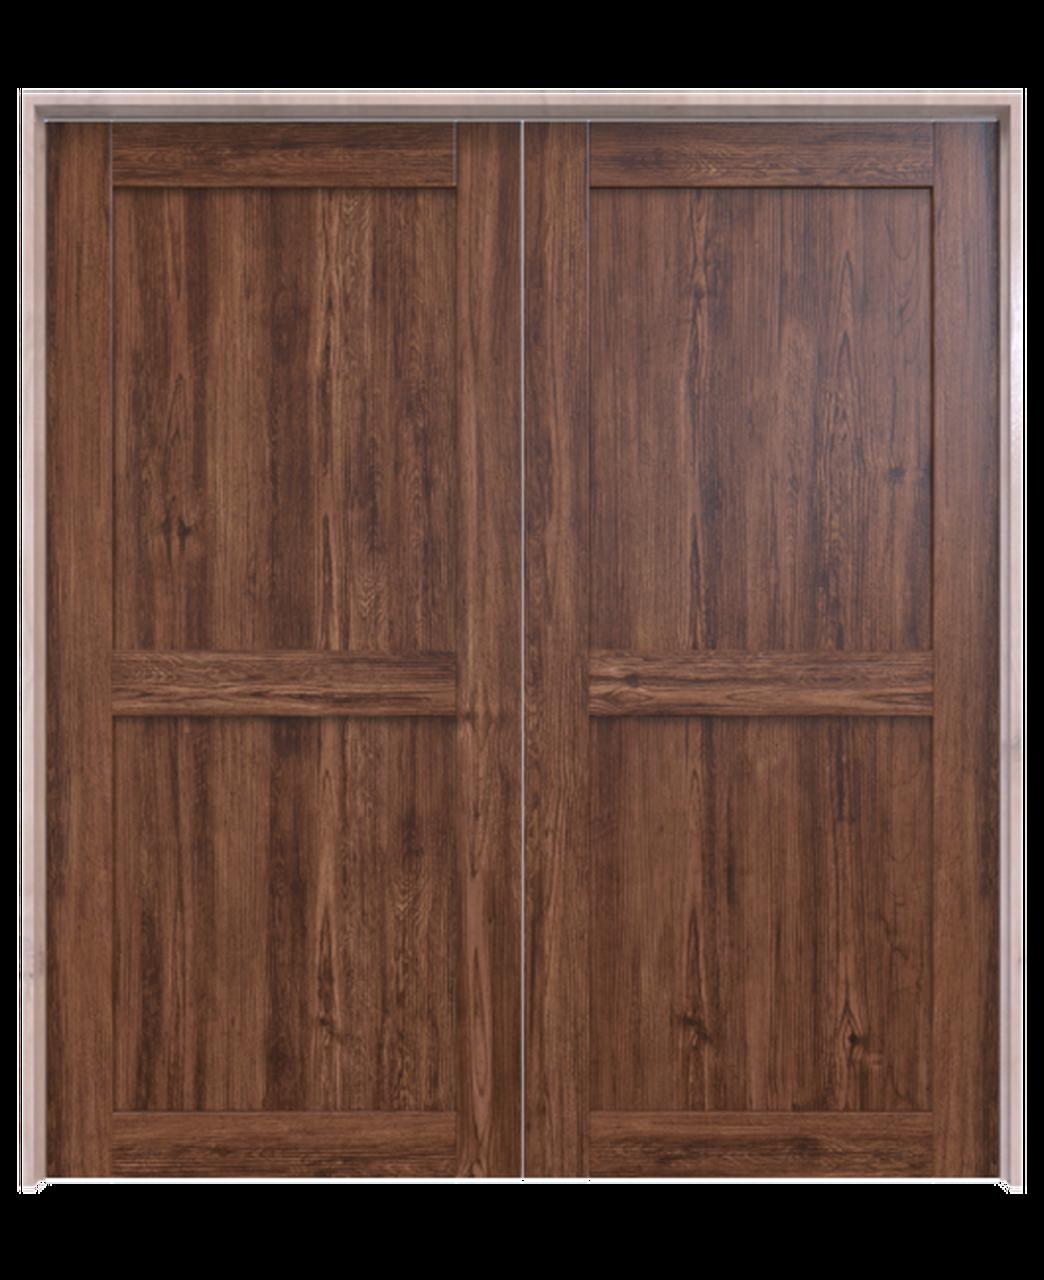 wood 2 panel double barn door